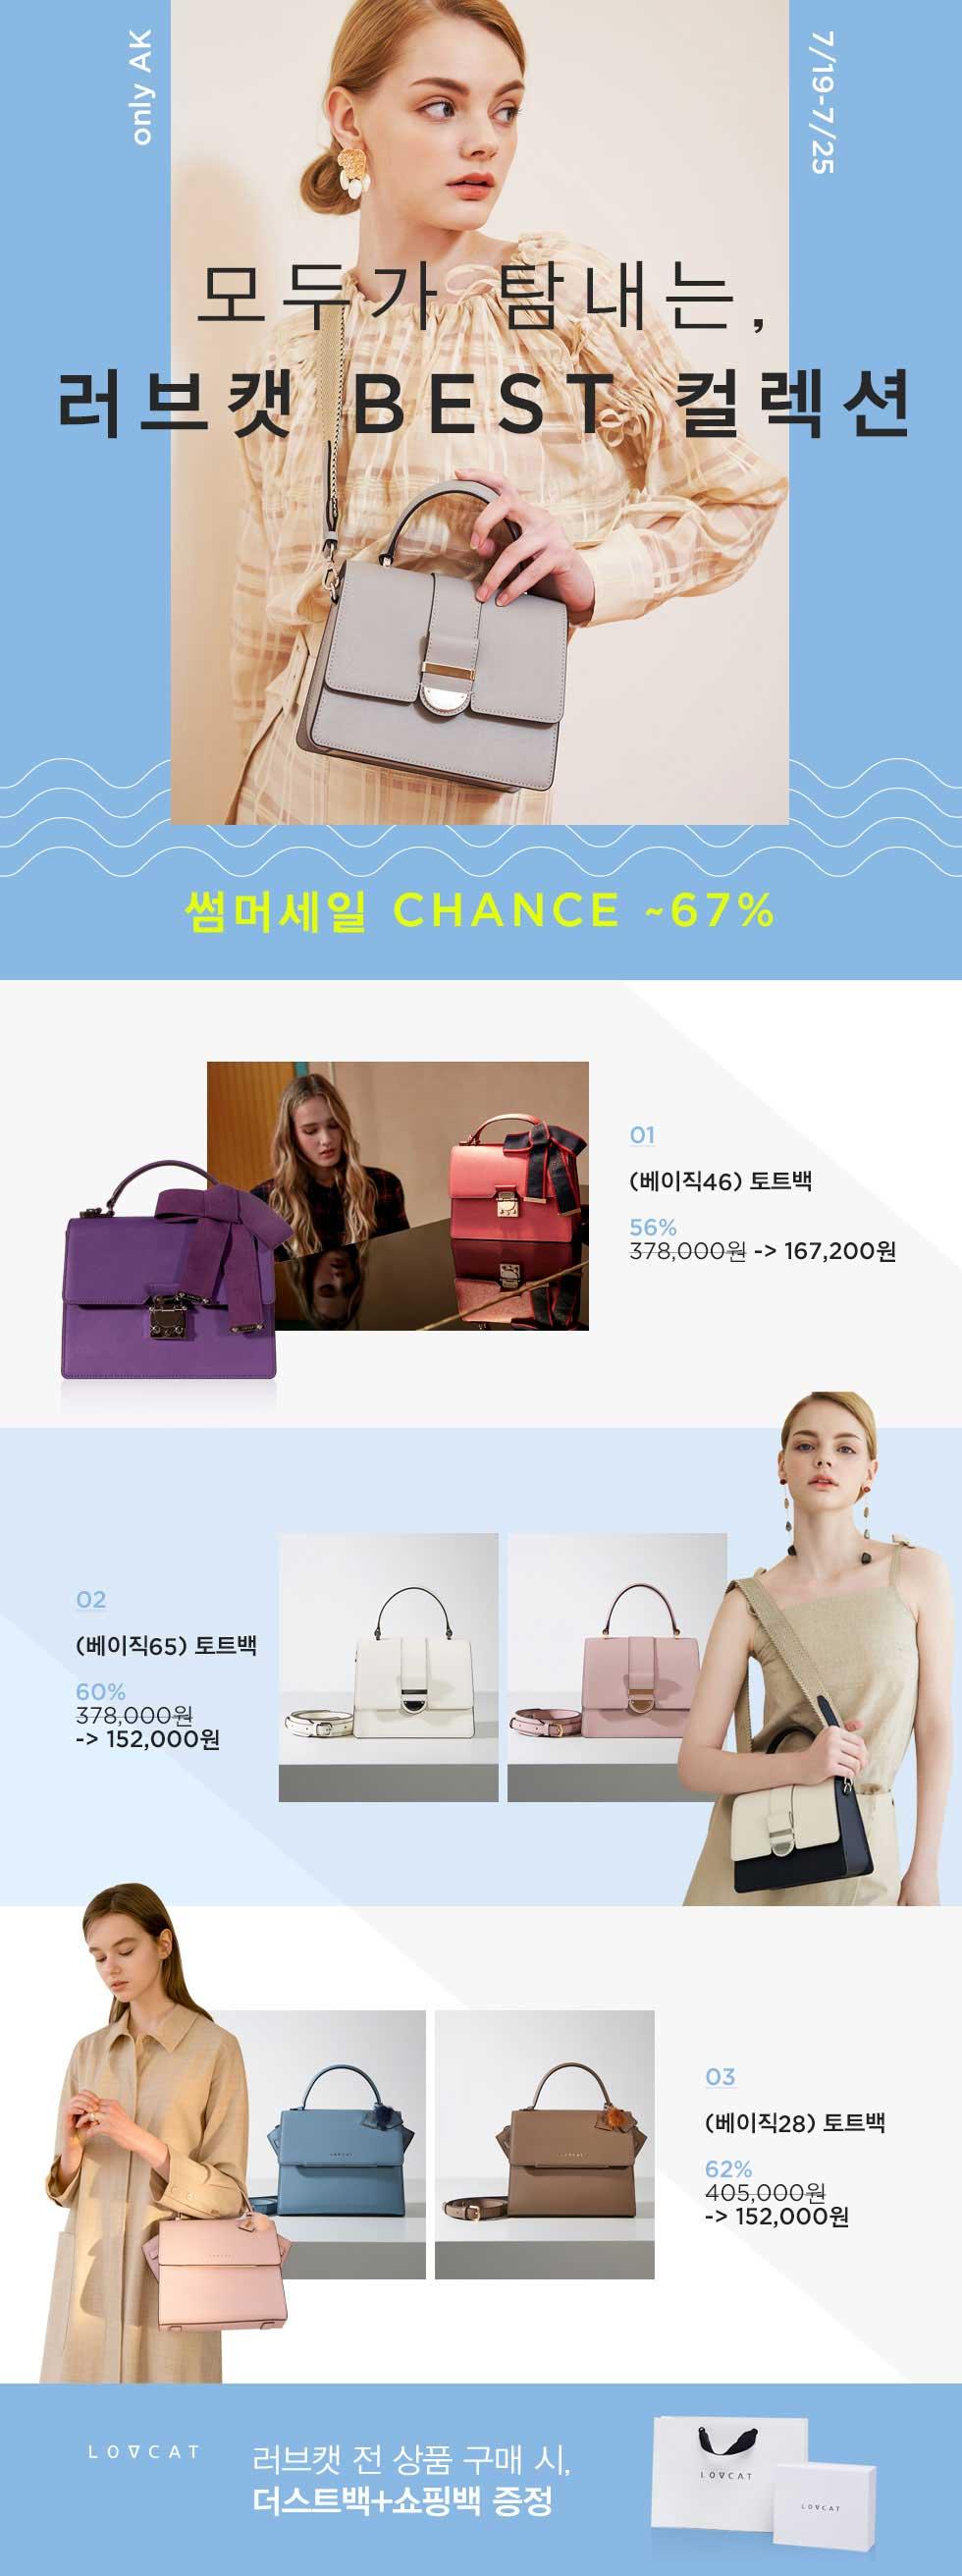 단독! BEST 핸드백 컬렉션 ~67% SALE